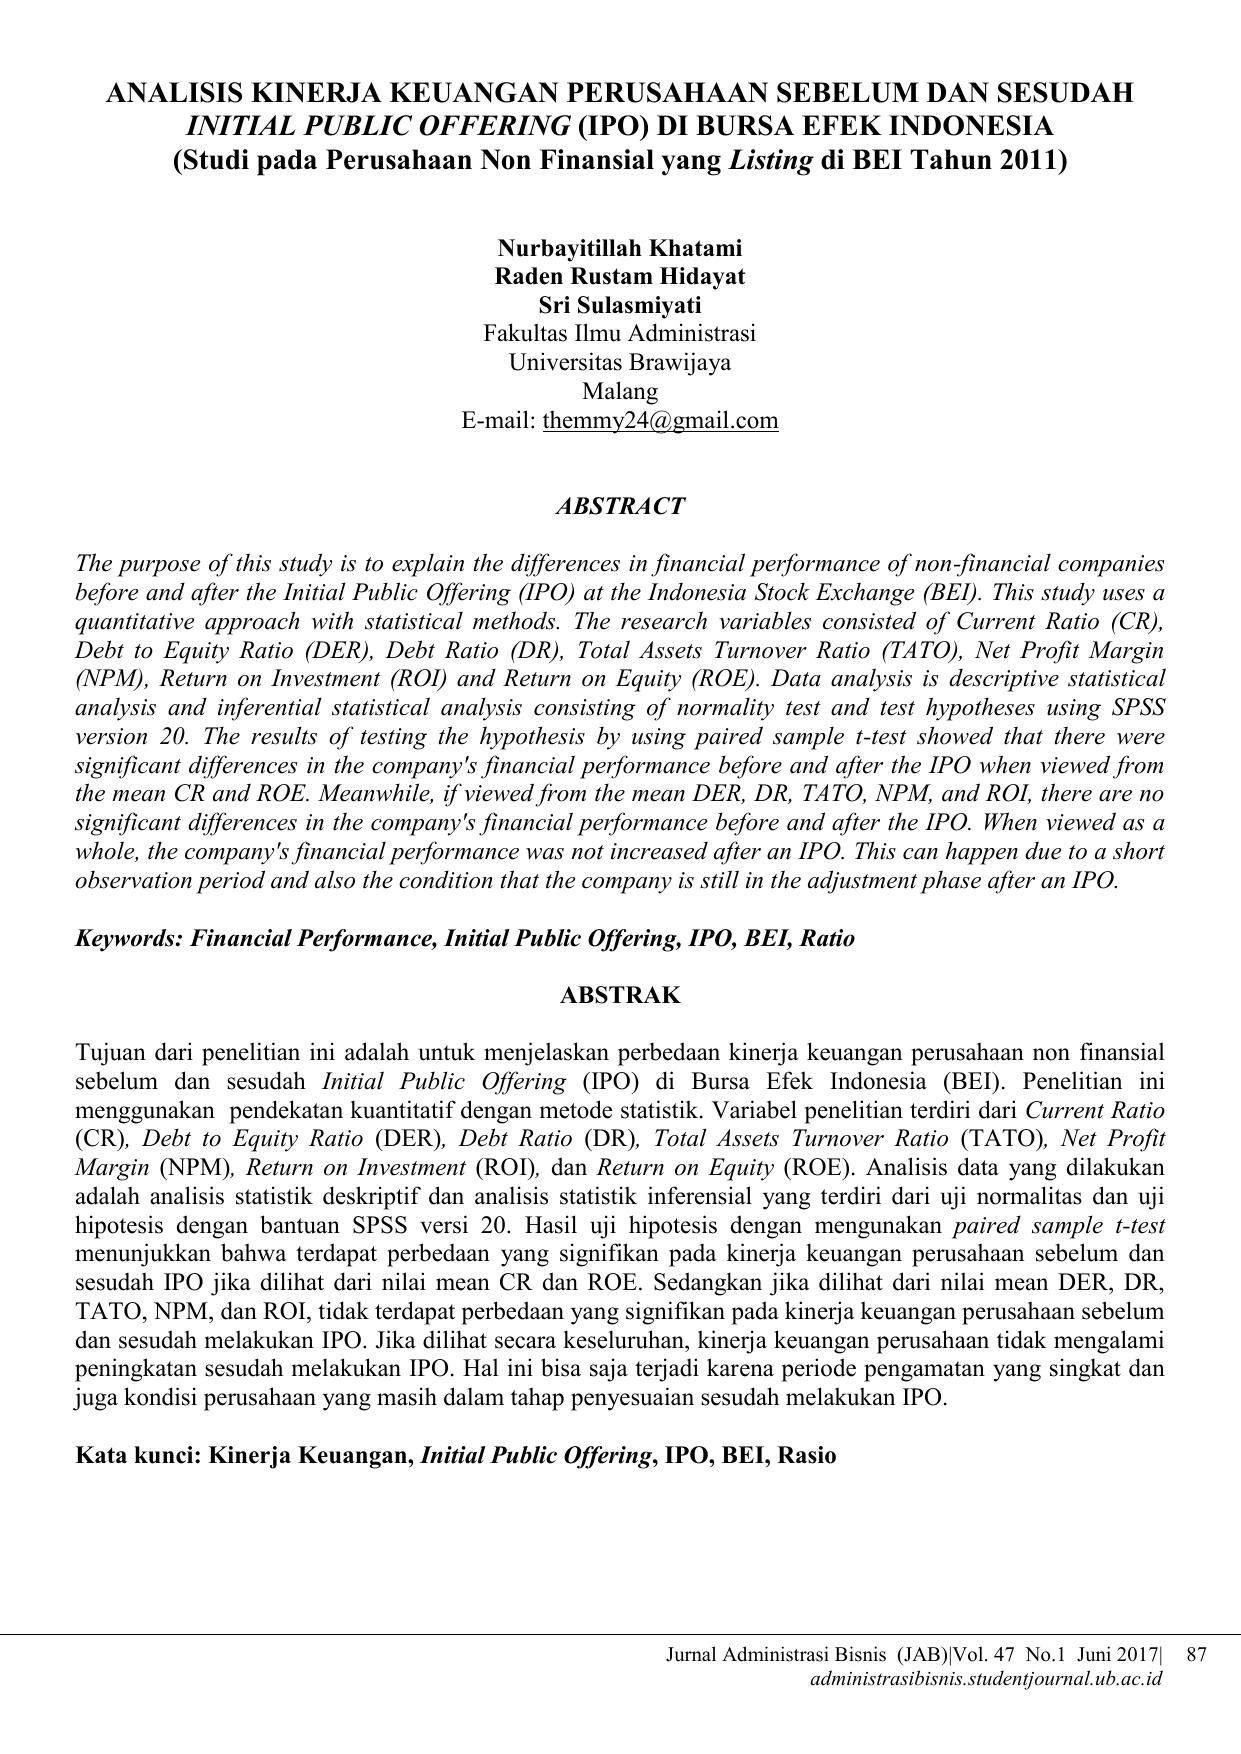 Analisis Kinerja Keuangan Perusahaan Sebelum Dan